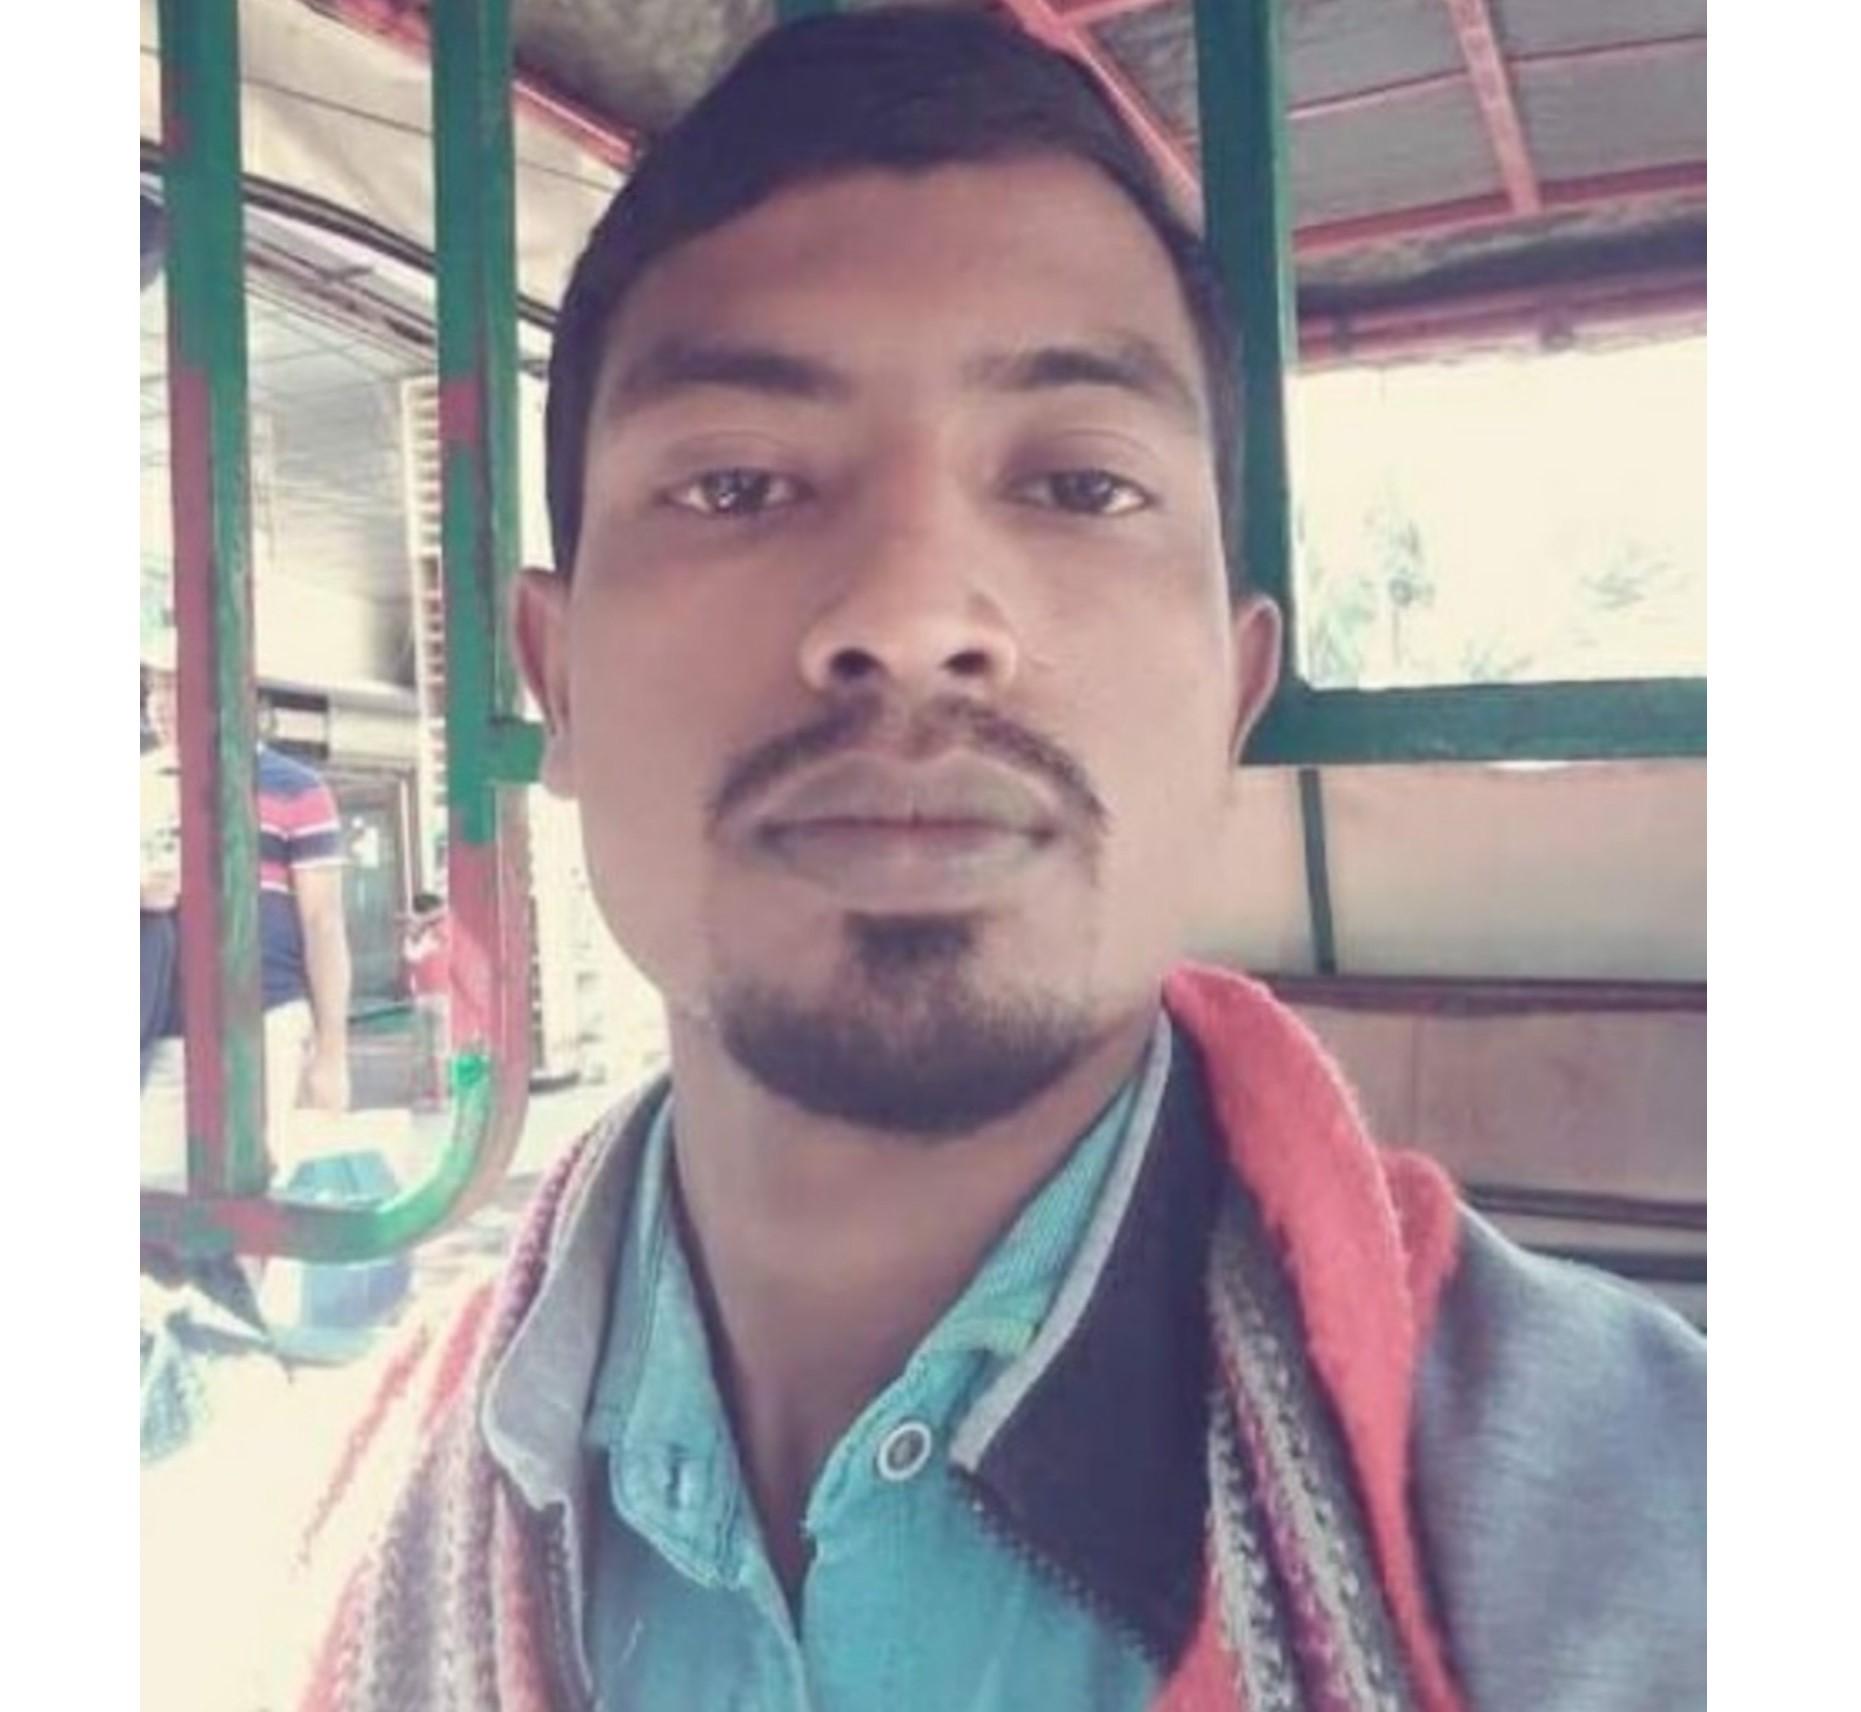 পেকুয়ার শিহাব ঋণের টাকা শোধ করতে কিডনি বিক্রি করবে